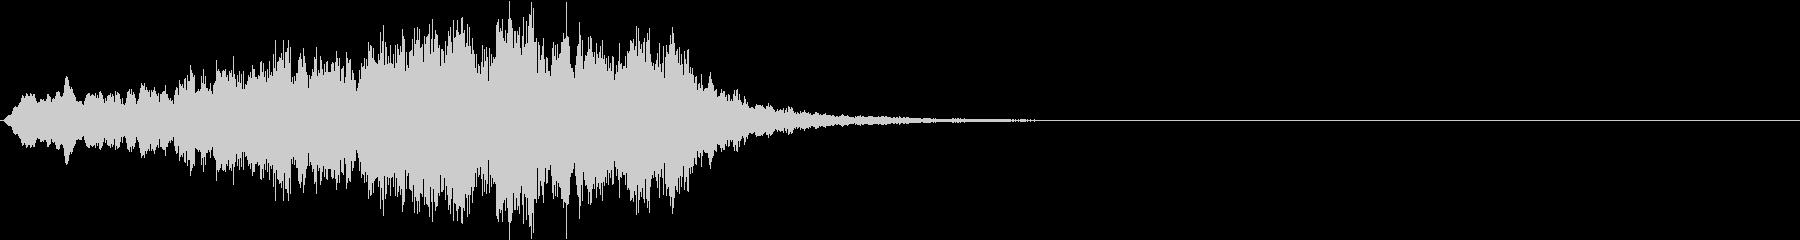 ボーイソプラノ3 アート芸術聖歌 8秒の未再生の波形